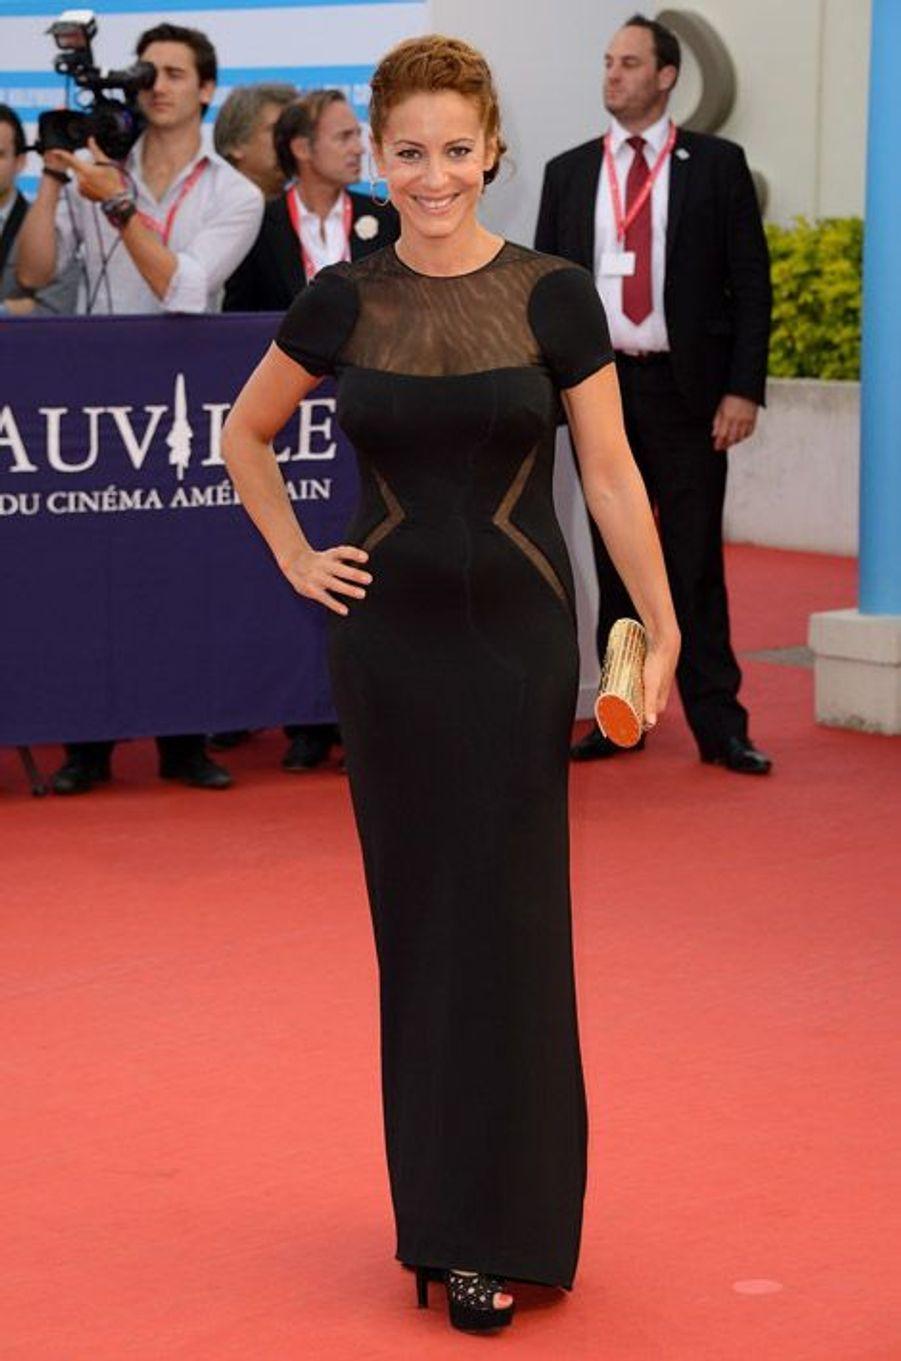 La réalisatrice Audrey Dana au festival du cinéma américain de Deauville, le 13 septembre 2014